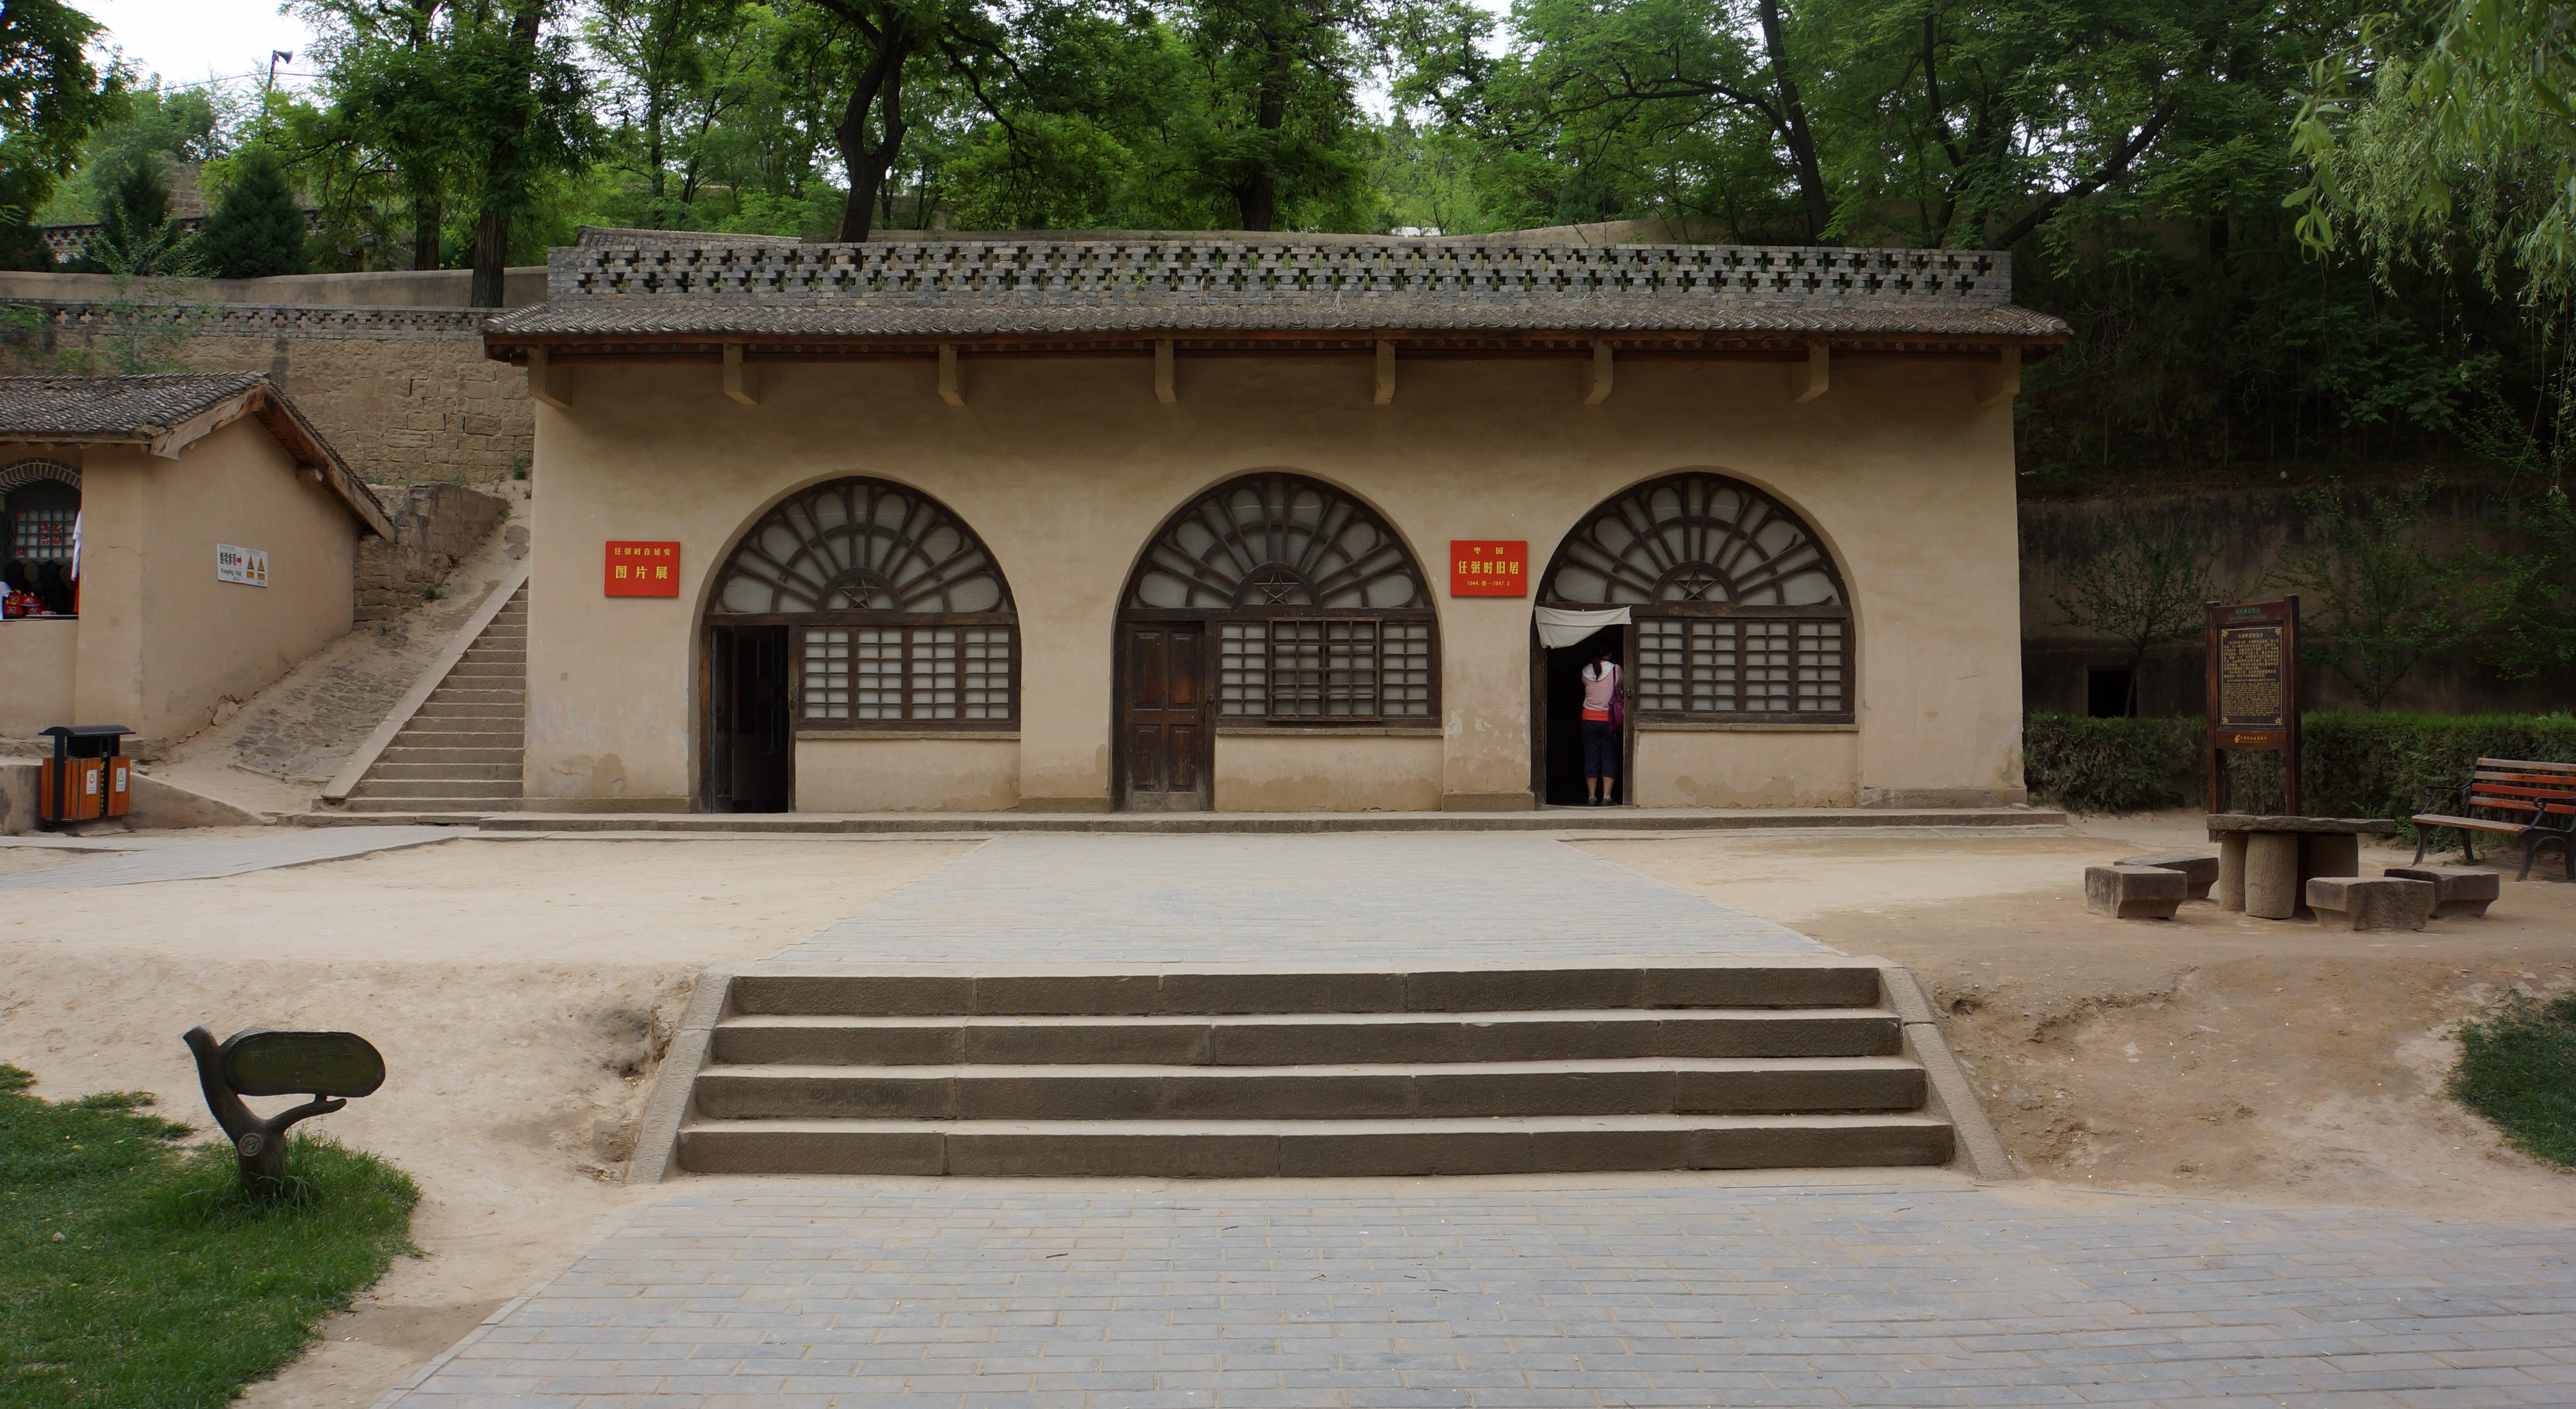 1、枣园曾经是中共中央书记处所在地,位于陕西省延安市城西北8公里处。枣园原是一家地主的庄园,中共中央进驻延安后,为中央社会部驻地,遂改名为延园,现旧址大门石柱两侧尚有康生所书延园二字。 2、1944年至1947年3月,中共中央书记处由杨家岭迁驻此地,期间,领导全党开展了整风运动和解放区军民开展的大生产运动,筹备了中国共产党七大 。